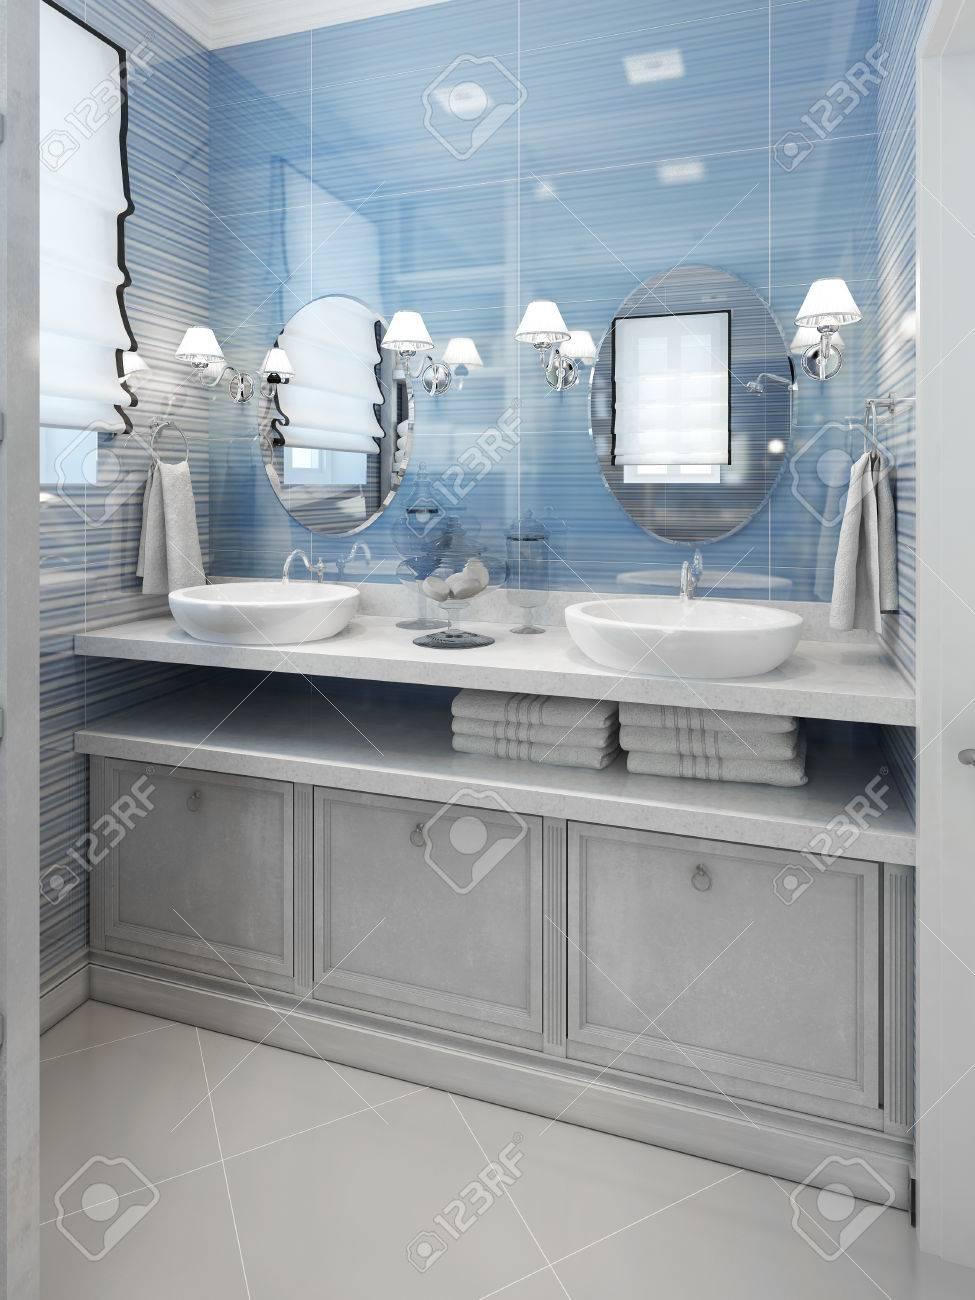 Salle de bains de style Art Déco. 3d render